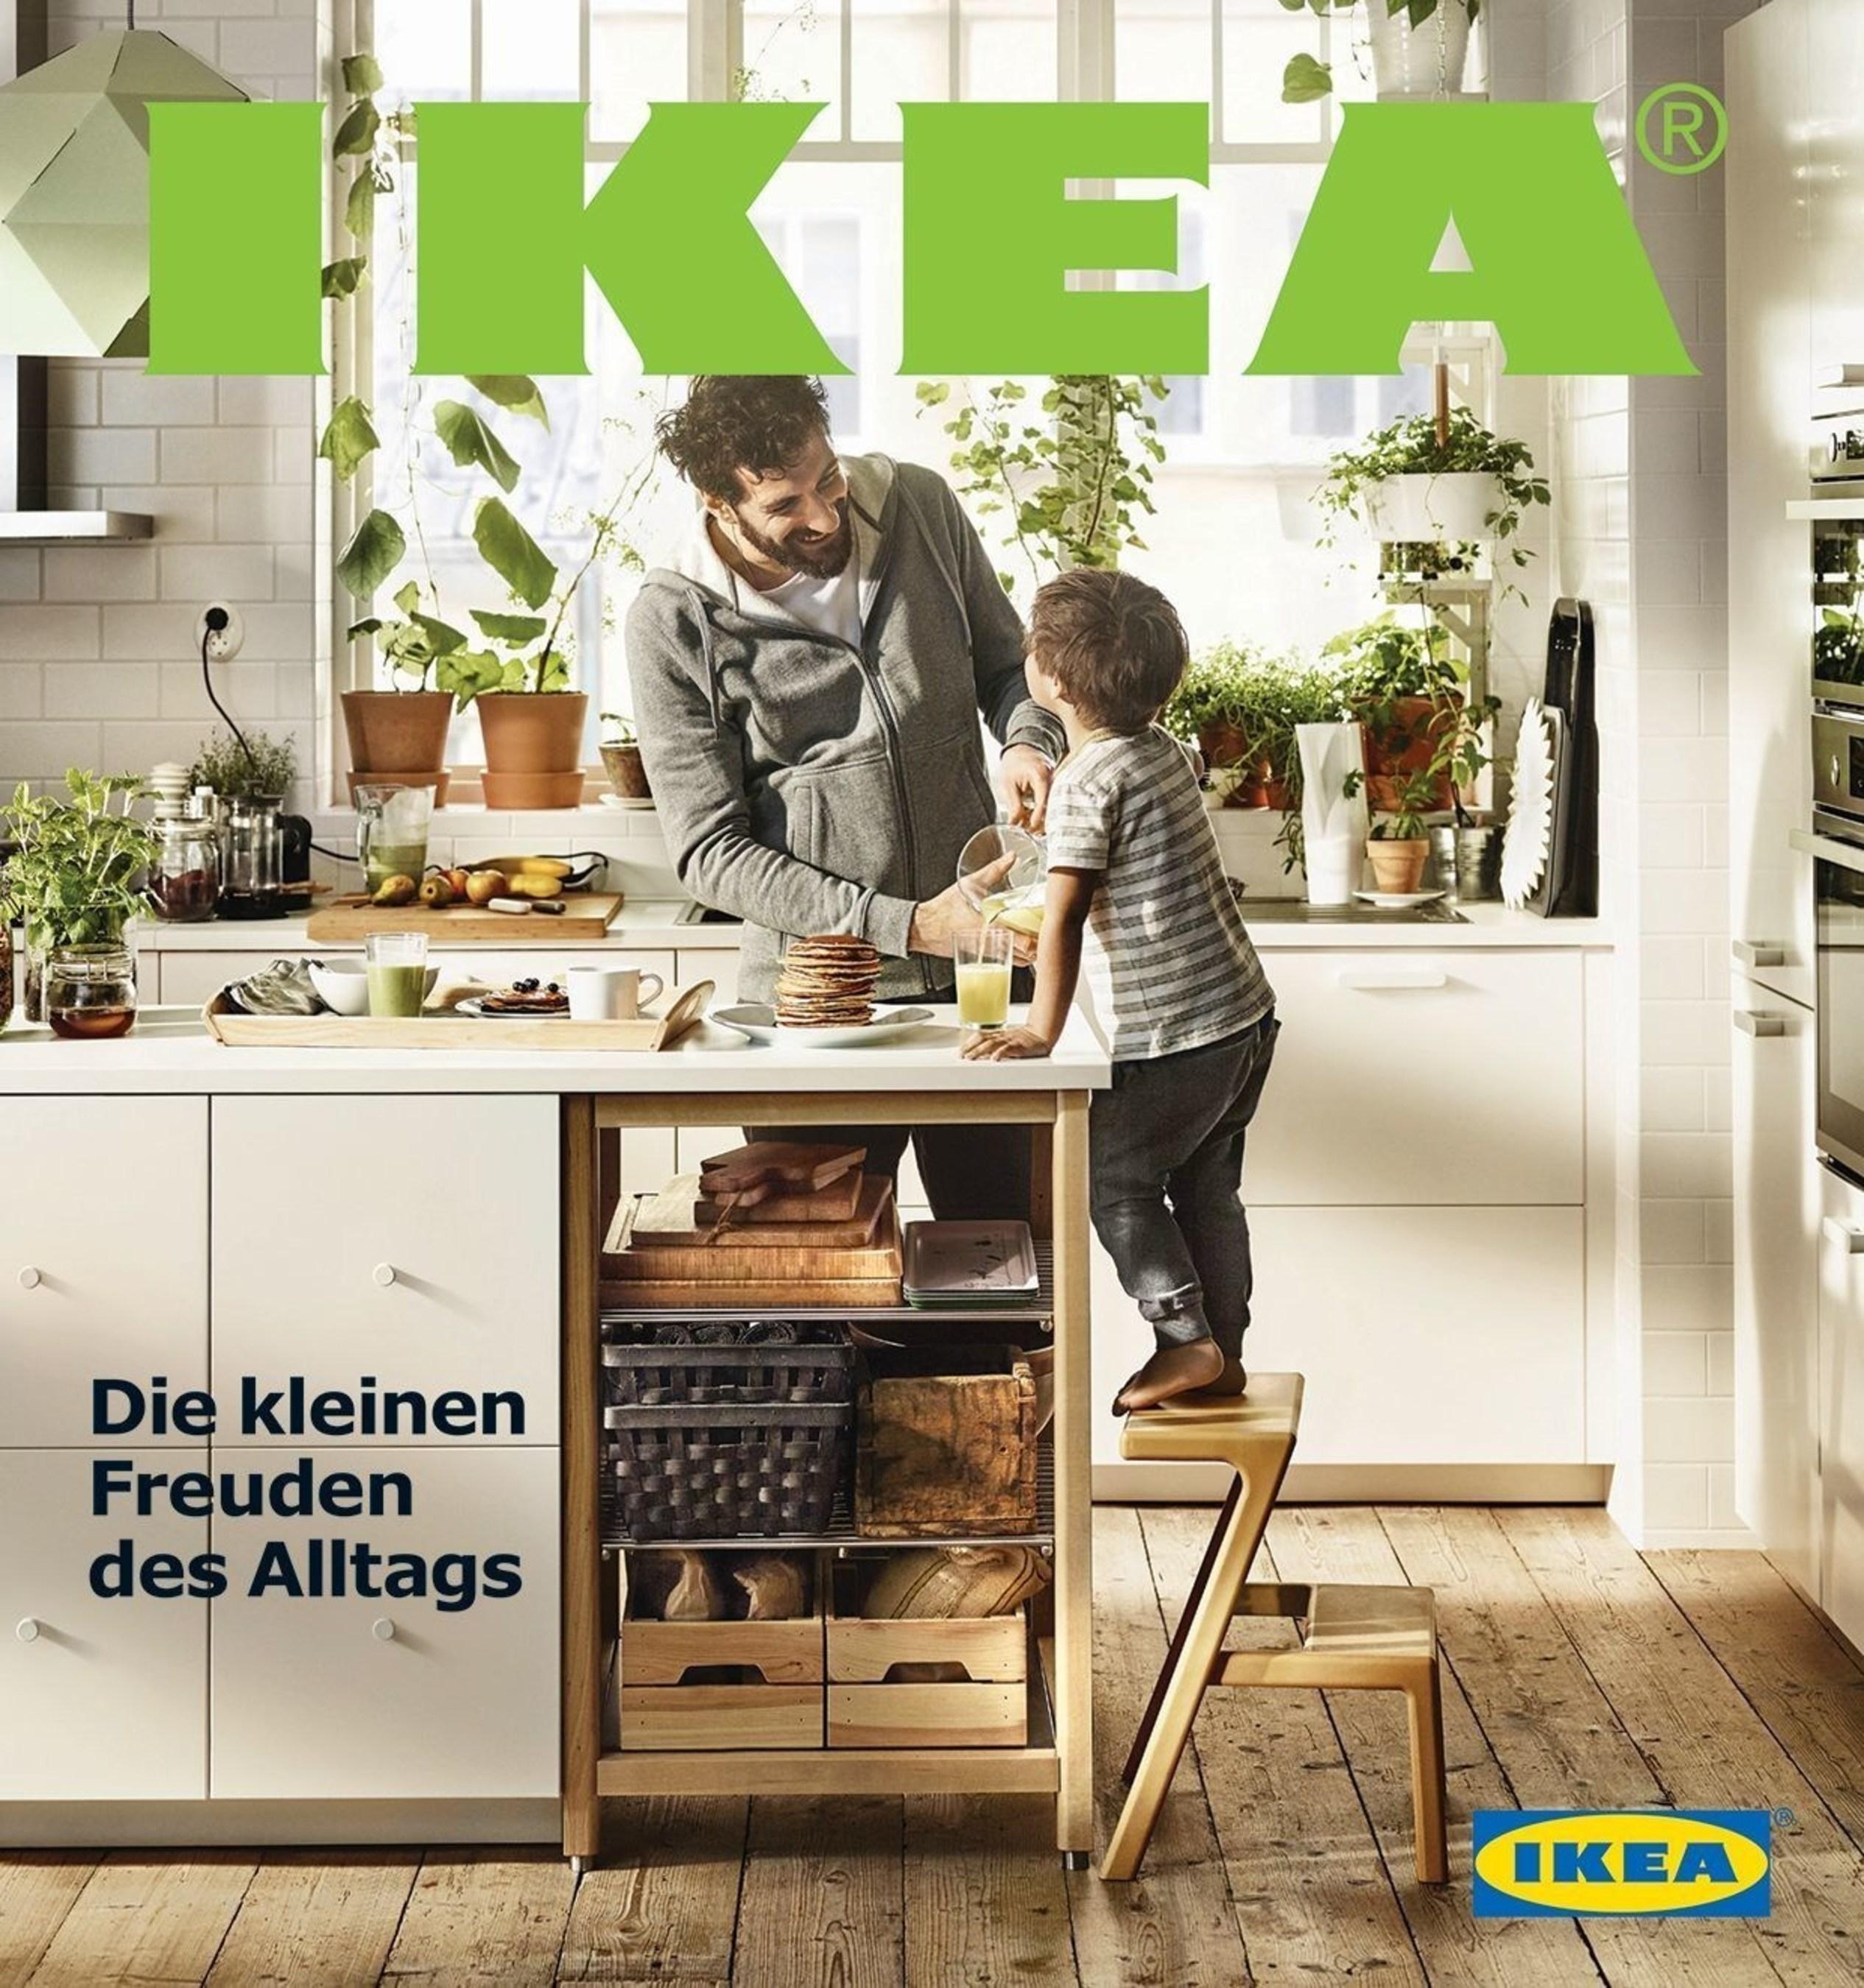 Hellmuth Karasek reseñó el catálogo 2016 de IKEA